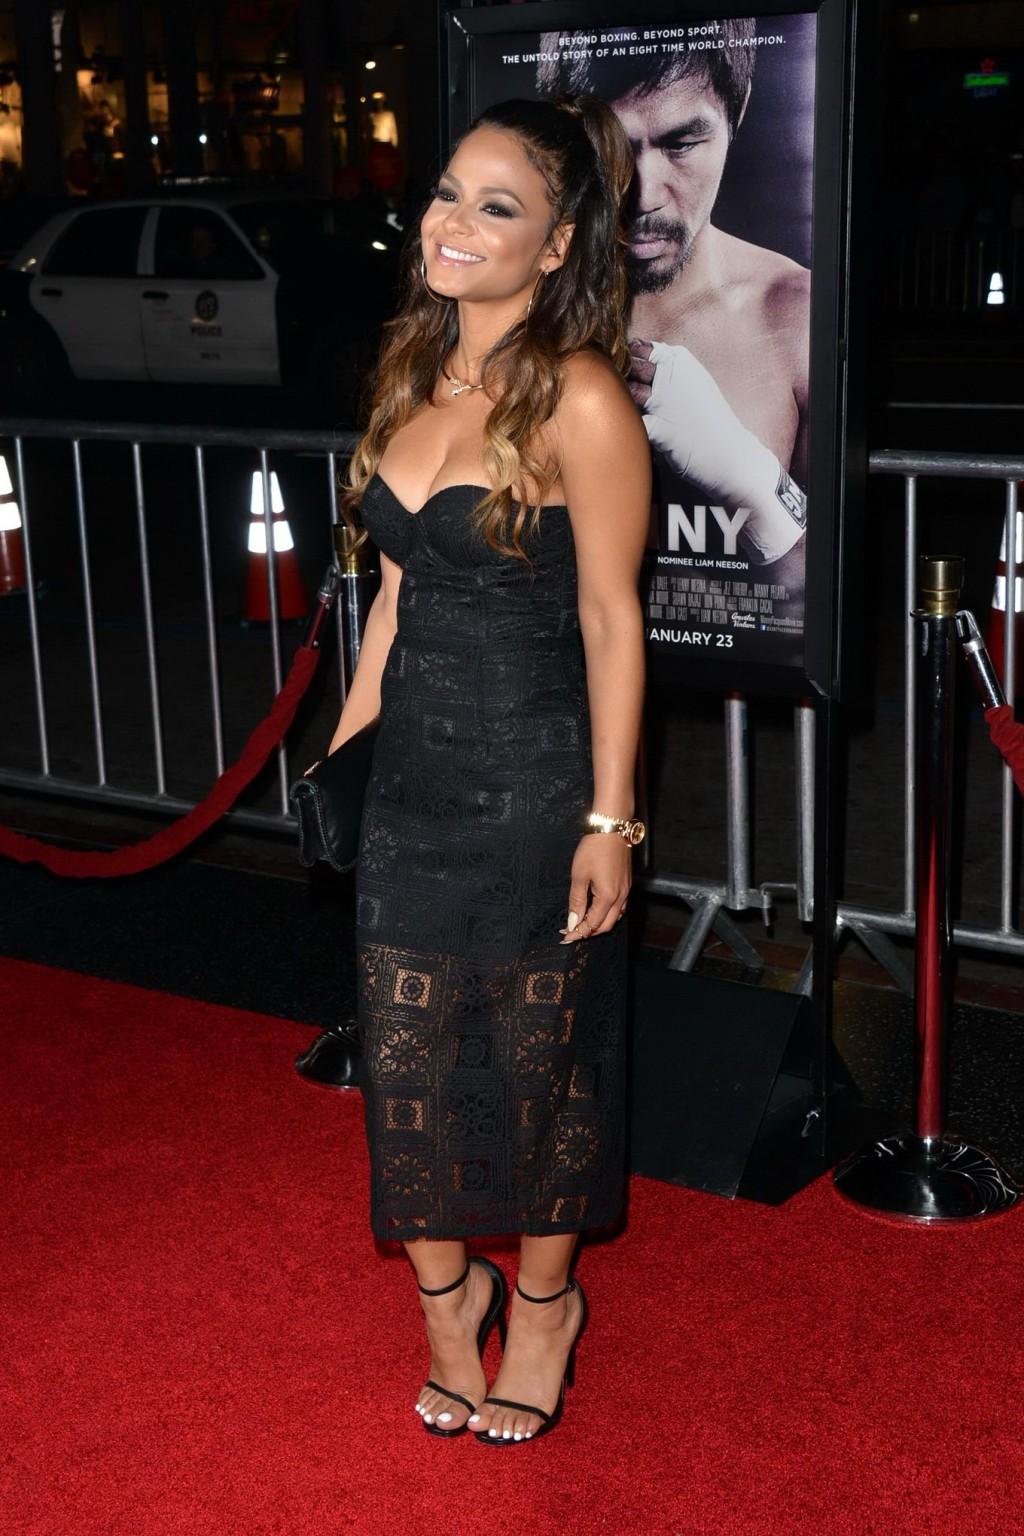 Знаменитая актриса Кристина славится своей красивой большой грудью